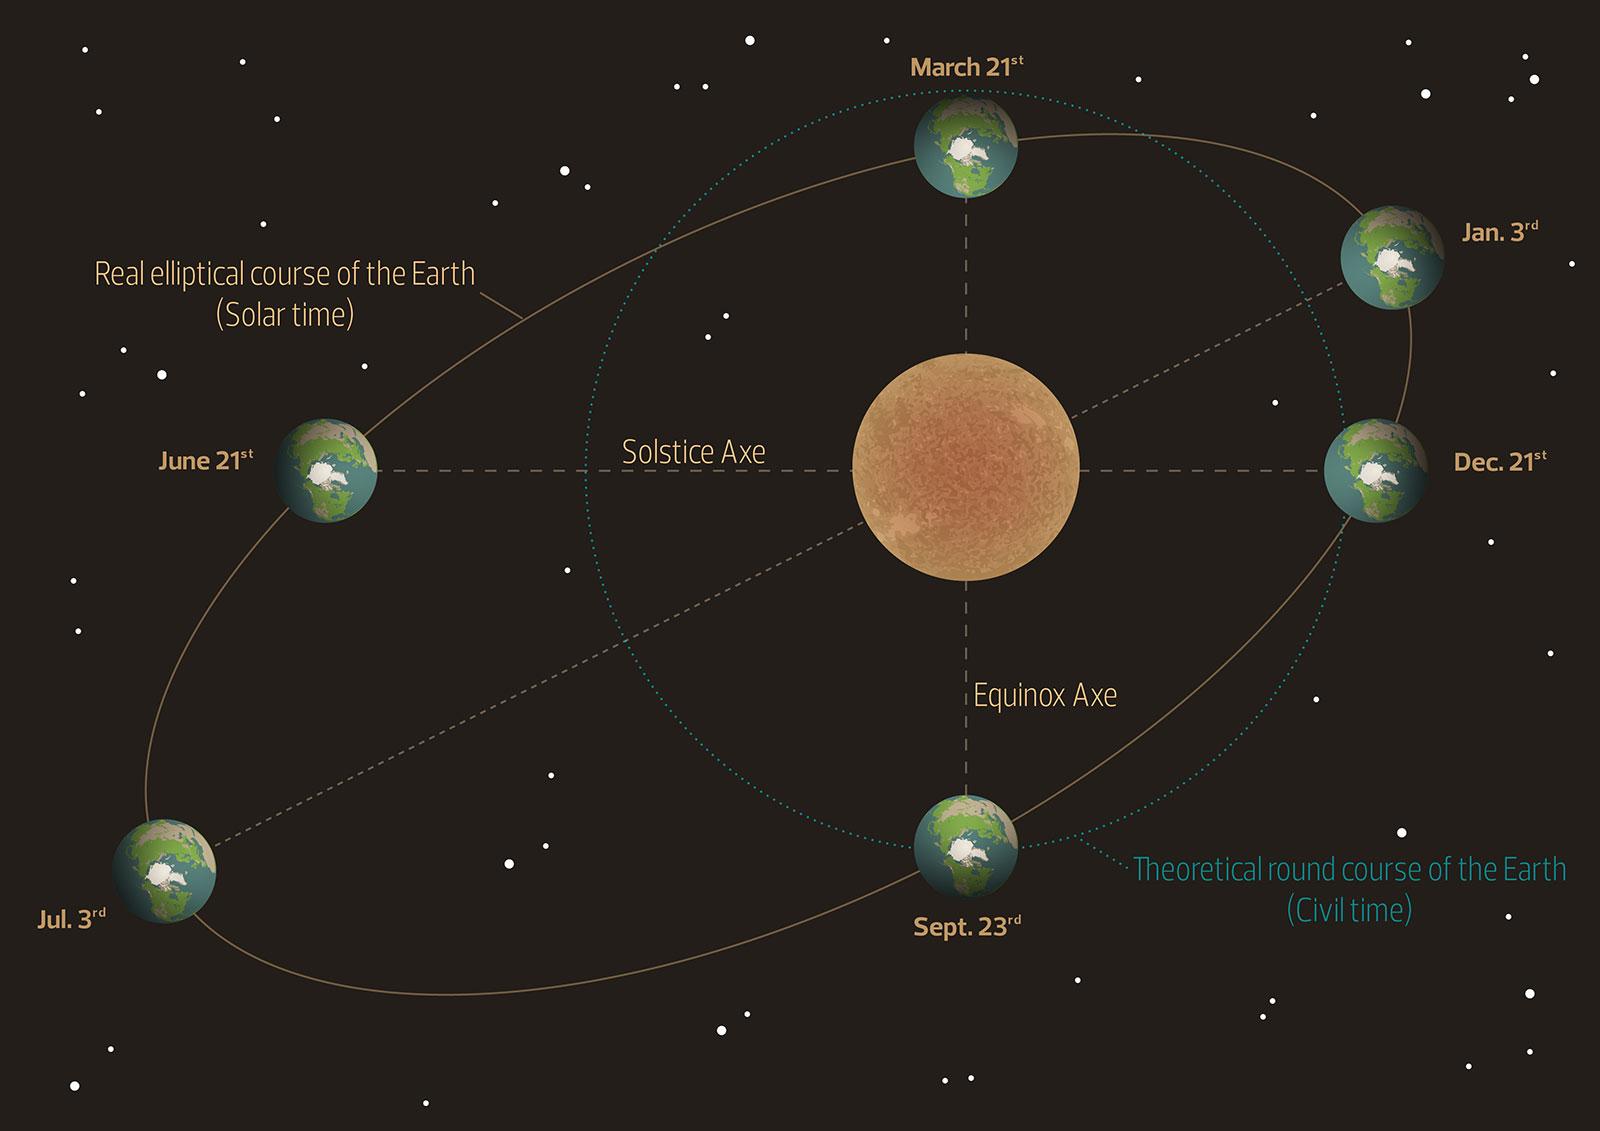 Vacheron Constantin Celestia diagram 1